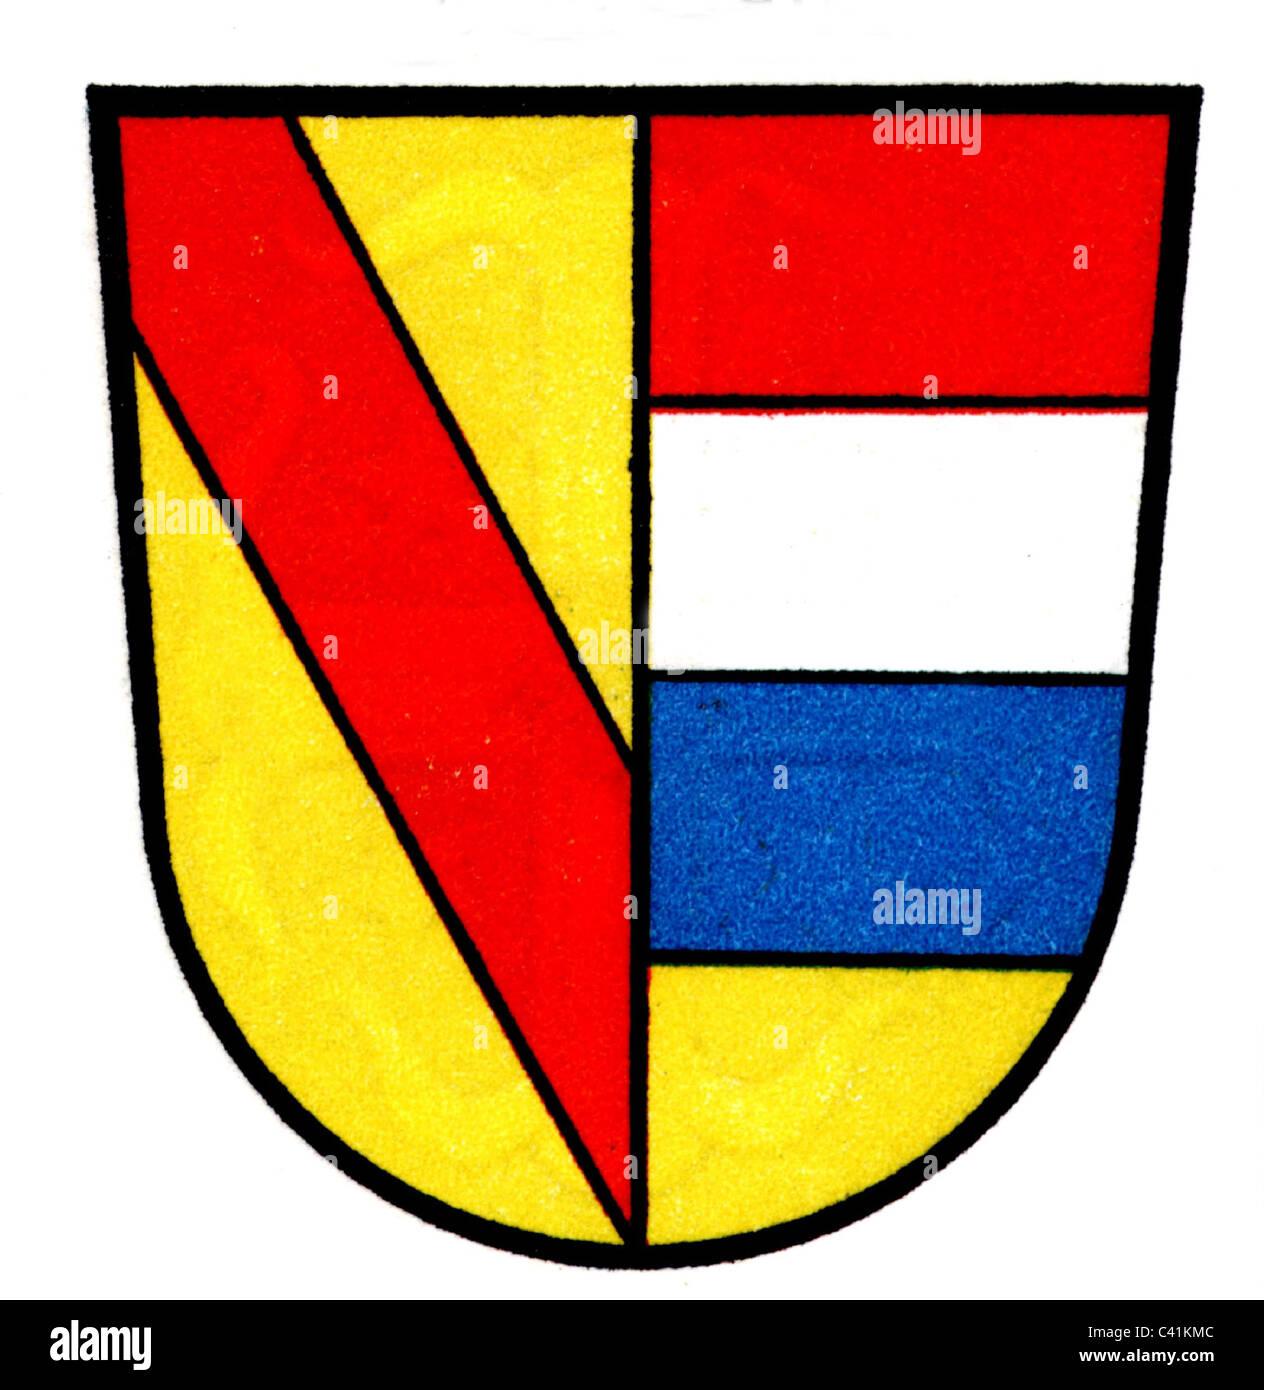 Bad Pforzheim coat of arms emblems pforzheim city arms baden wuerttemberg